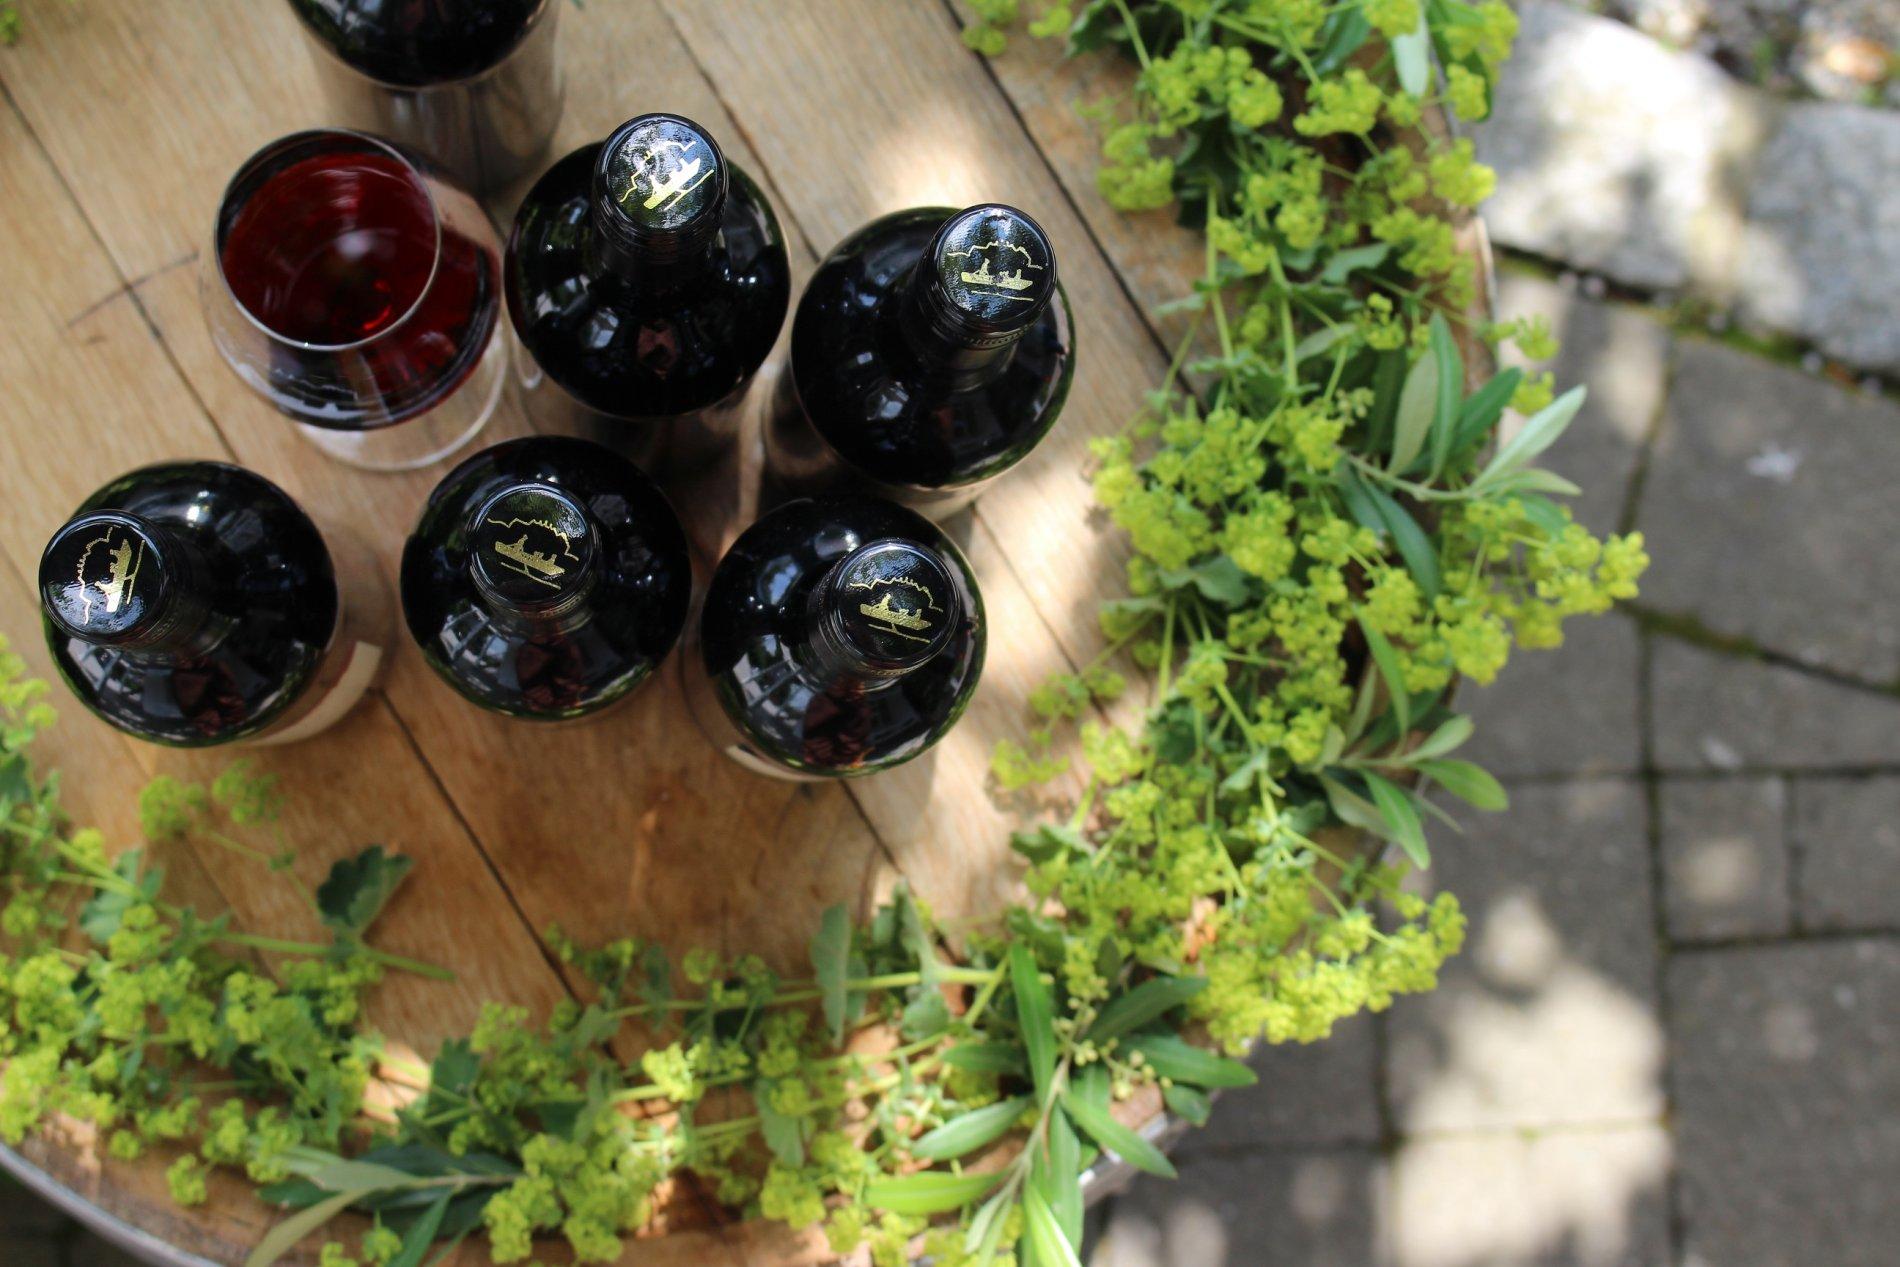 Terrasse mit Tischen und Blick auf Weinreben und den Bodensee